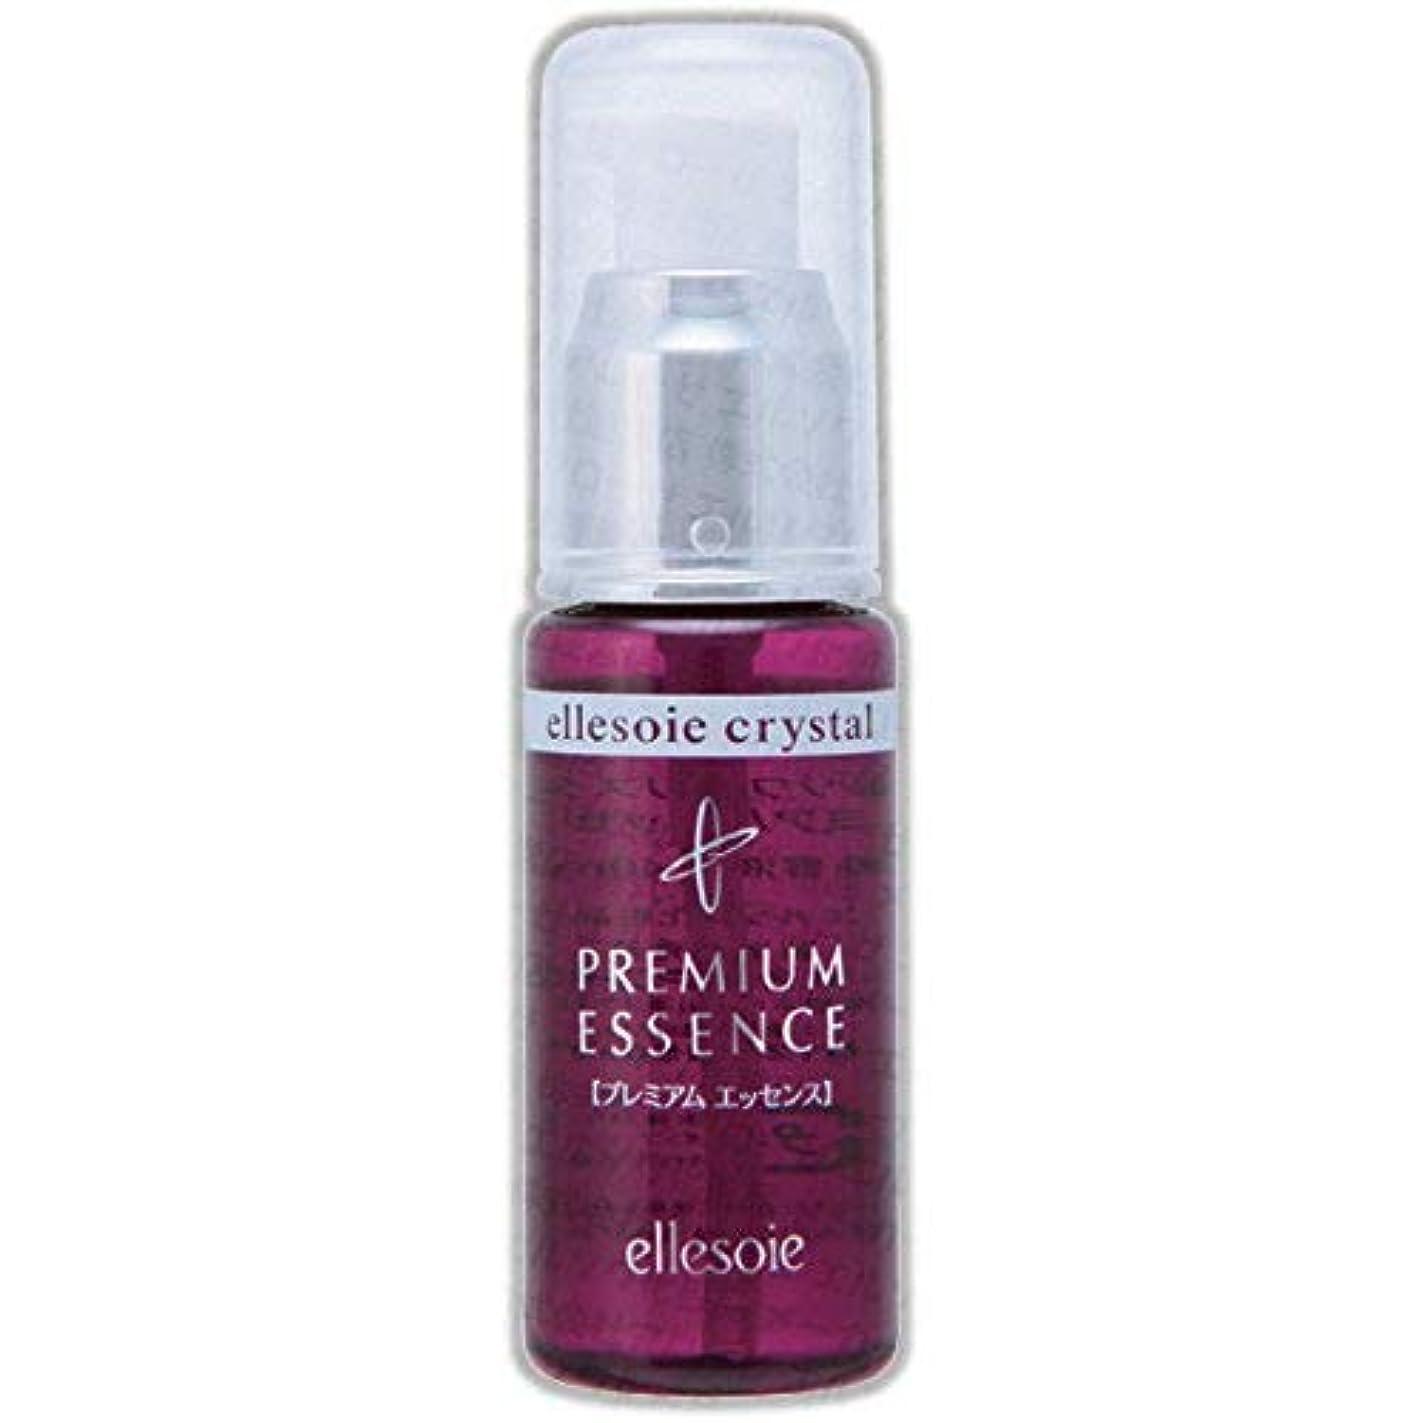 毎年蒸し器疑い者エルソワ化粧品(ellesoie) クリスタル プレミアムエッセンス 美容液